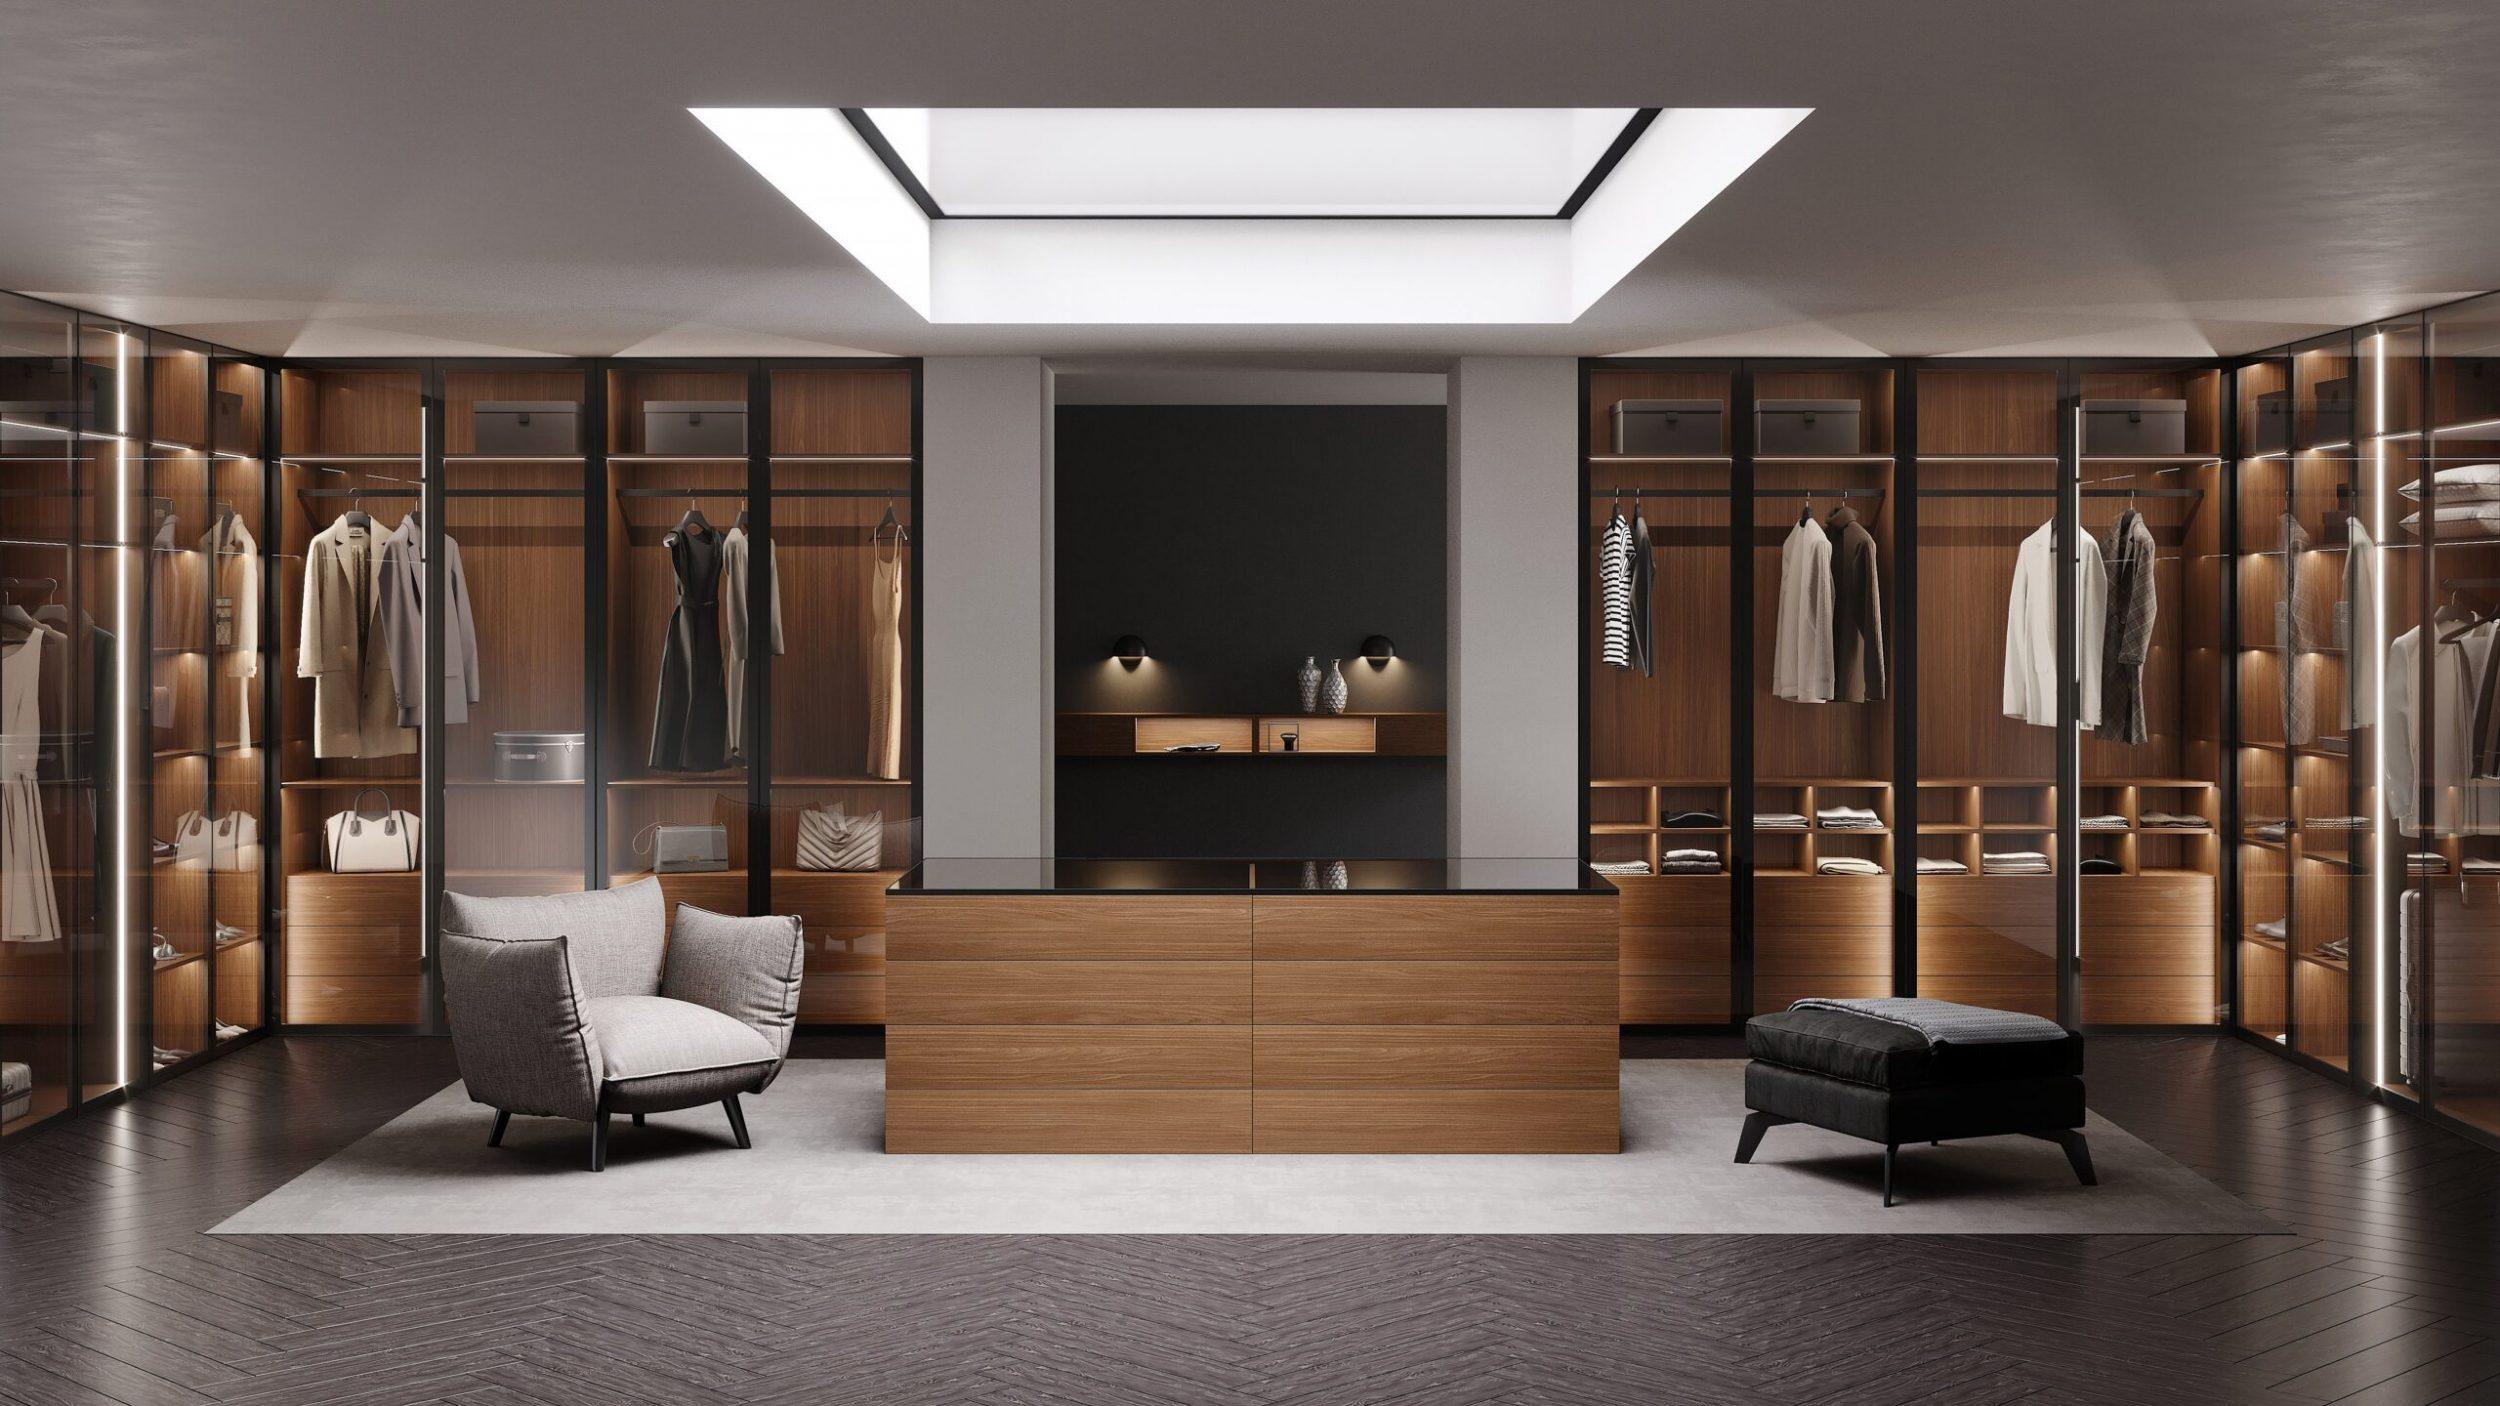 kitchen_studio_wardrobe2_6-scaled